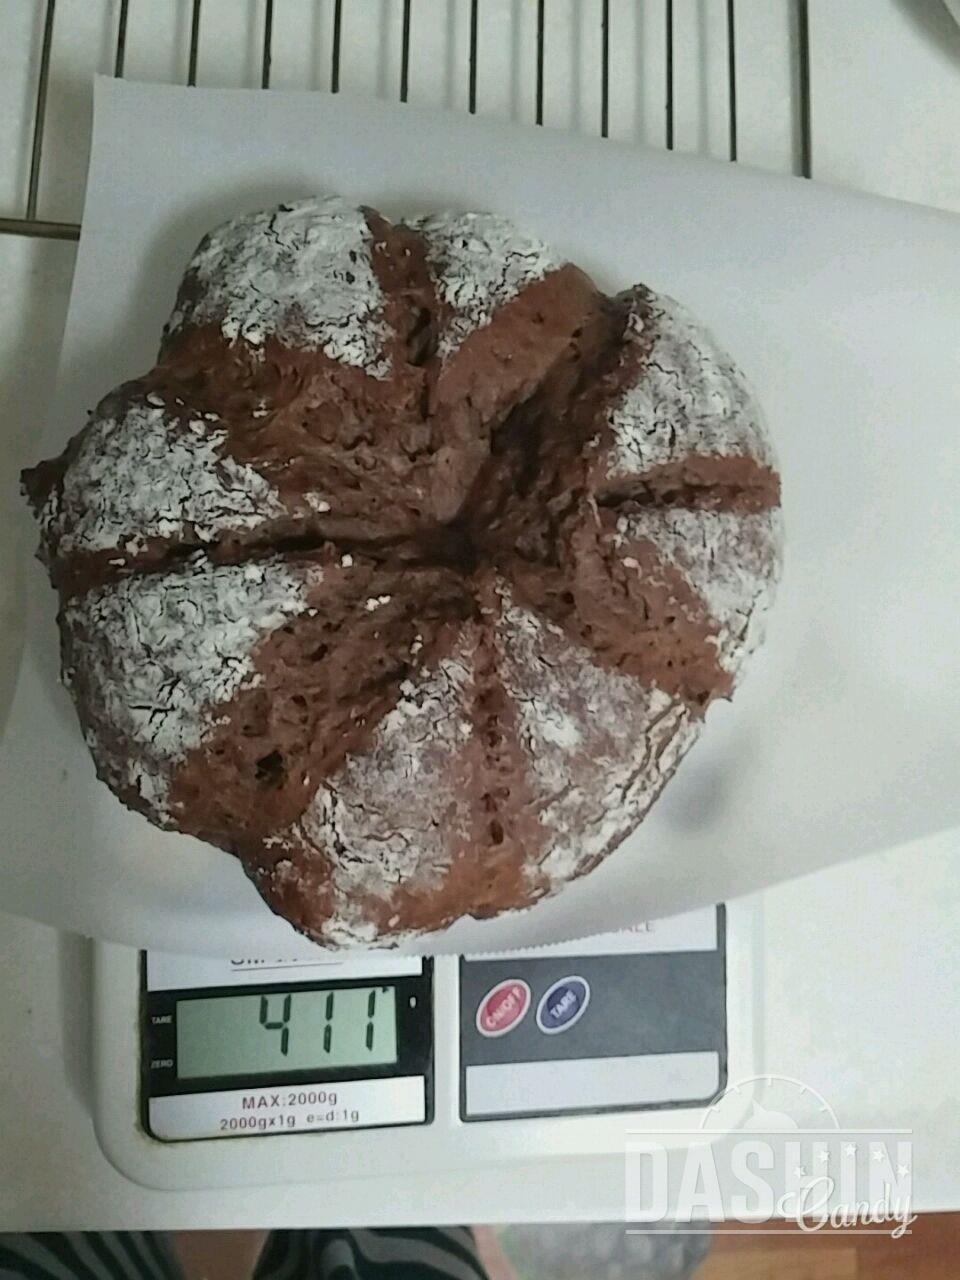 저칼로리 고단백 초코프로틴빵 만들기(다이어트하는 홈베이커의 발악)